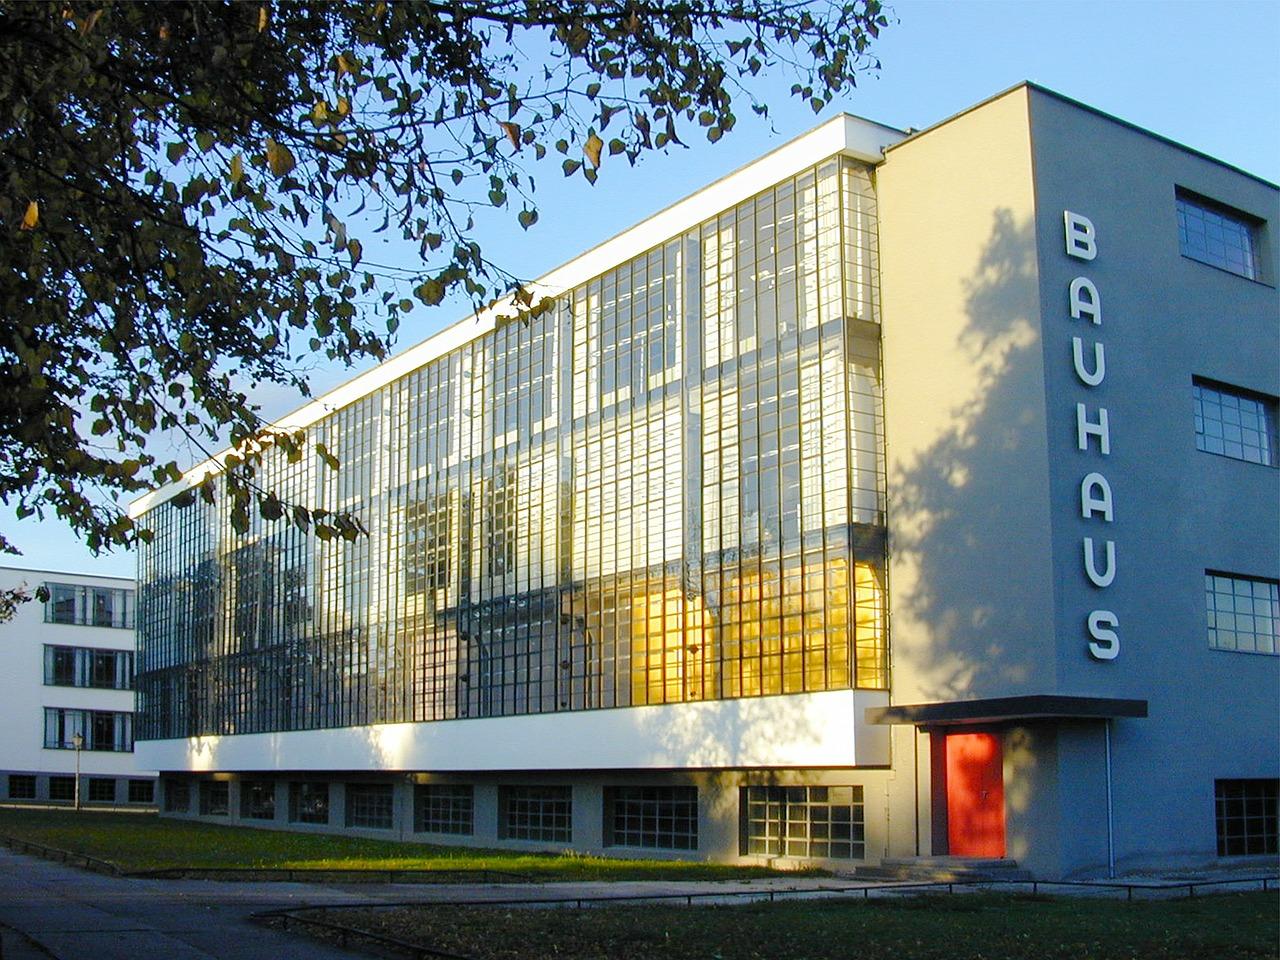 Bauhaus 250403 1280